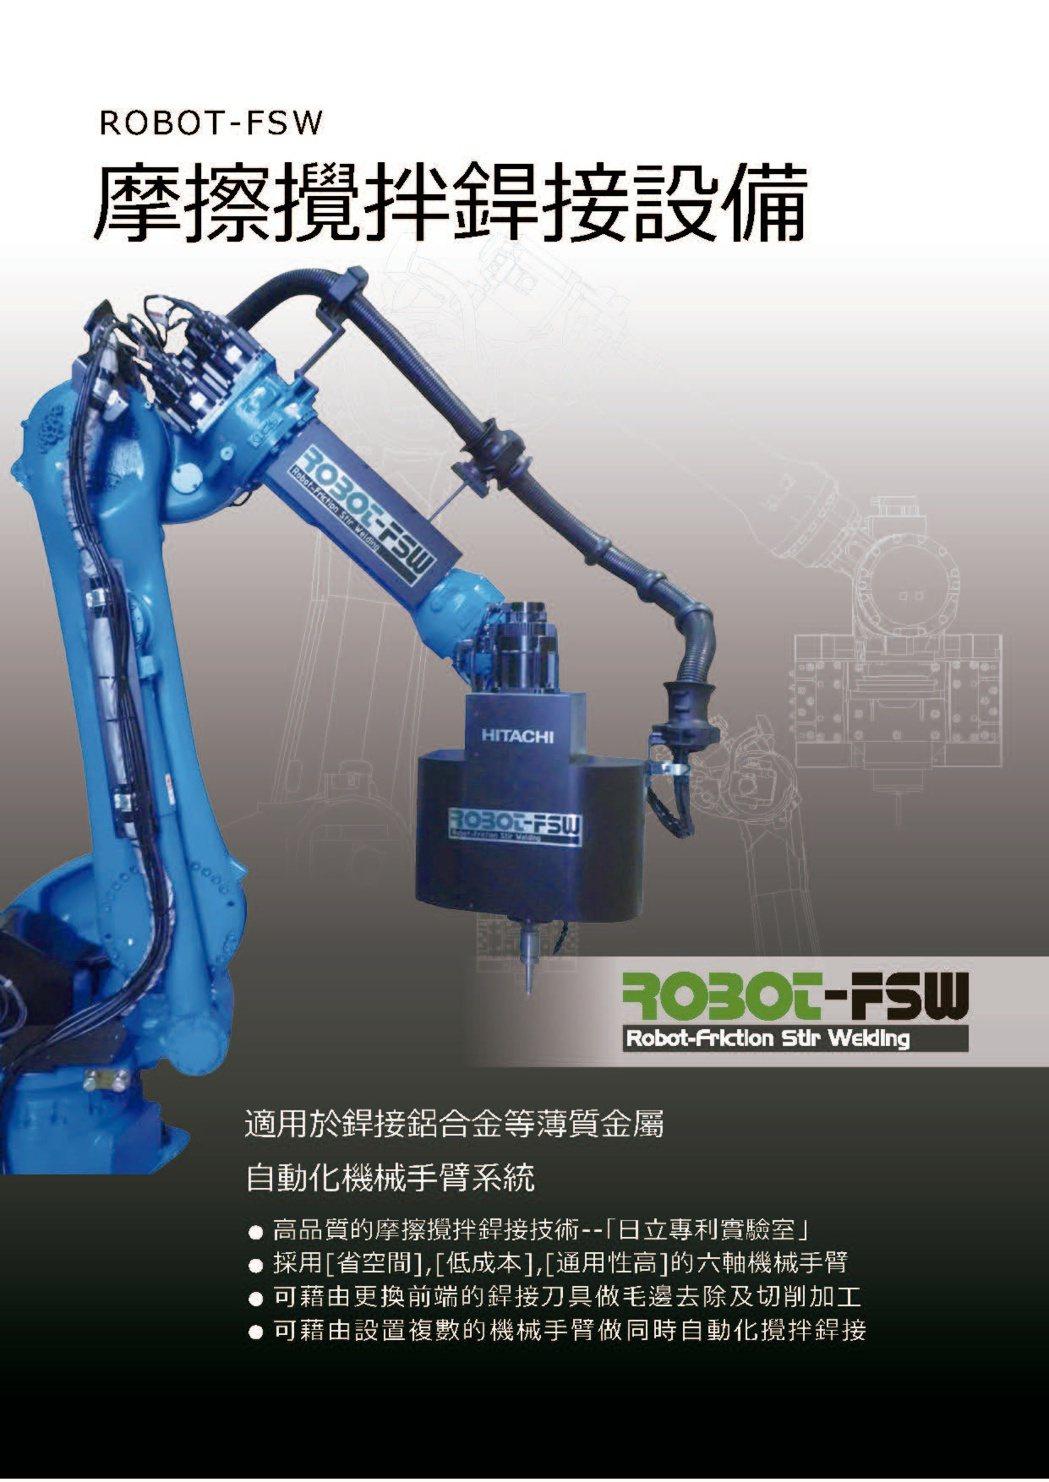 機械手臂型FSW機種 可執行3D曲面銲接 定鋐/提供